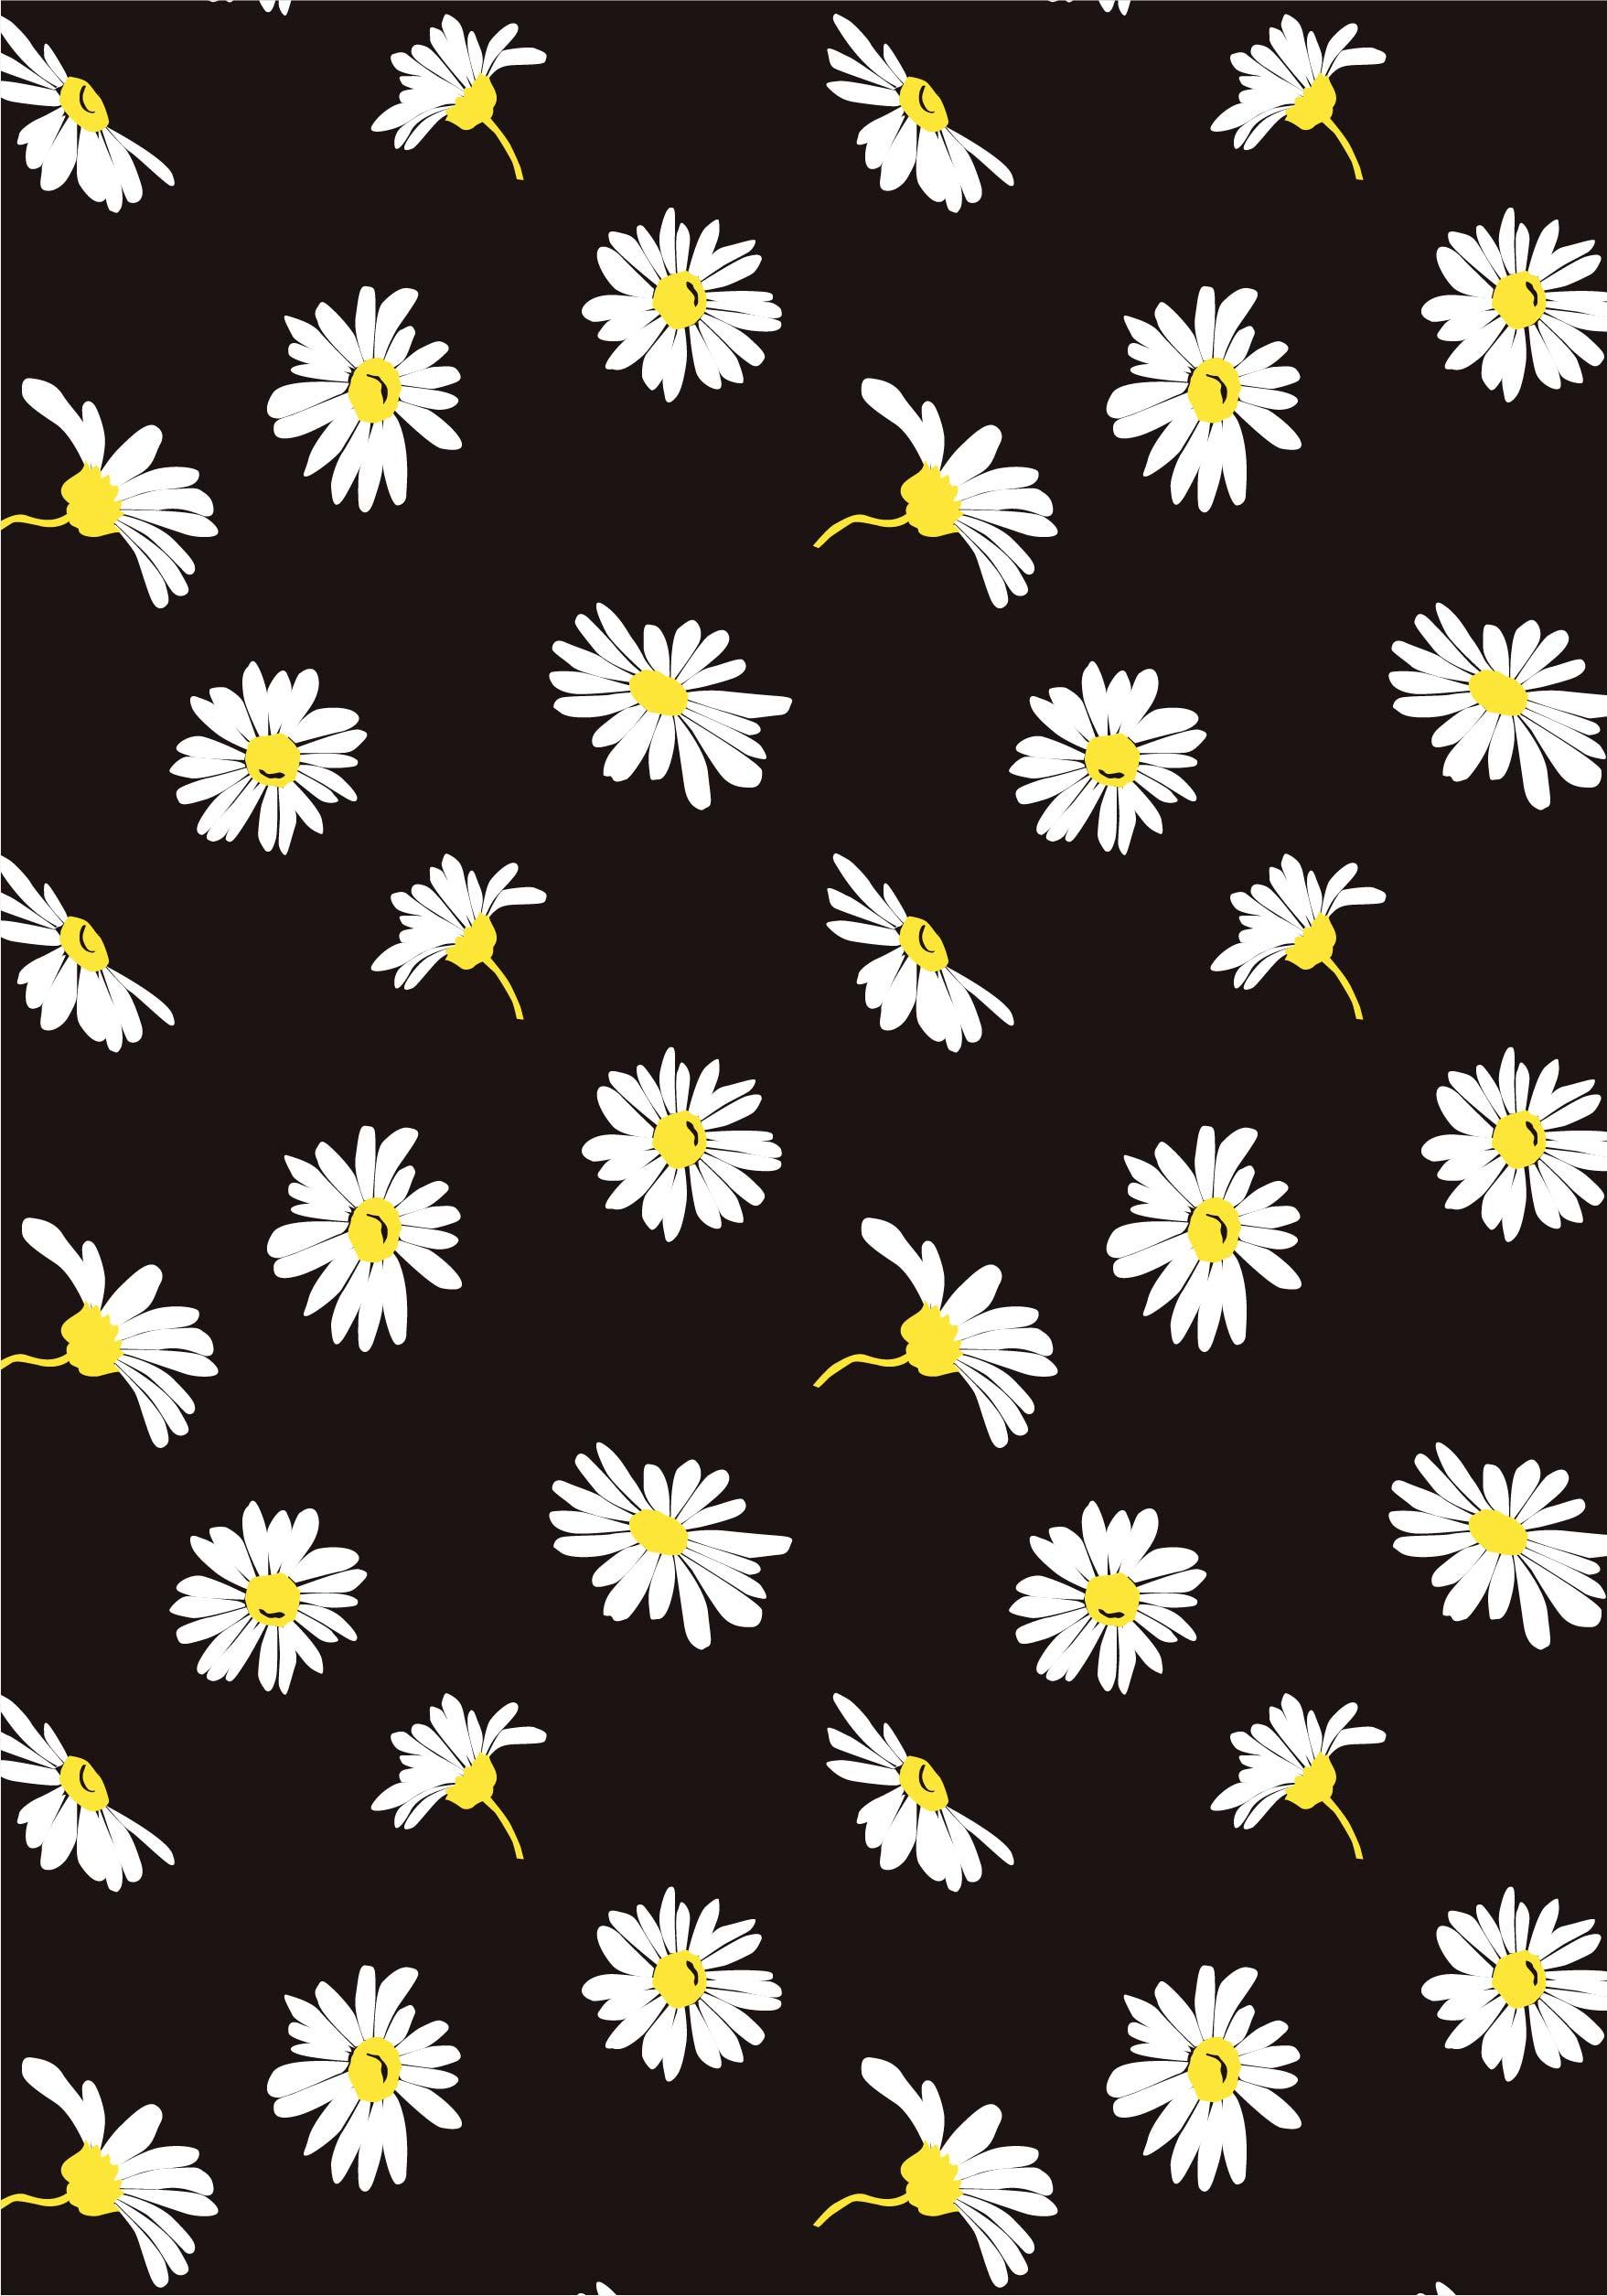 植物菊花花朵拼接矢量图服装纺织面料水印数码印花花型素材-POP花型网